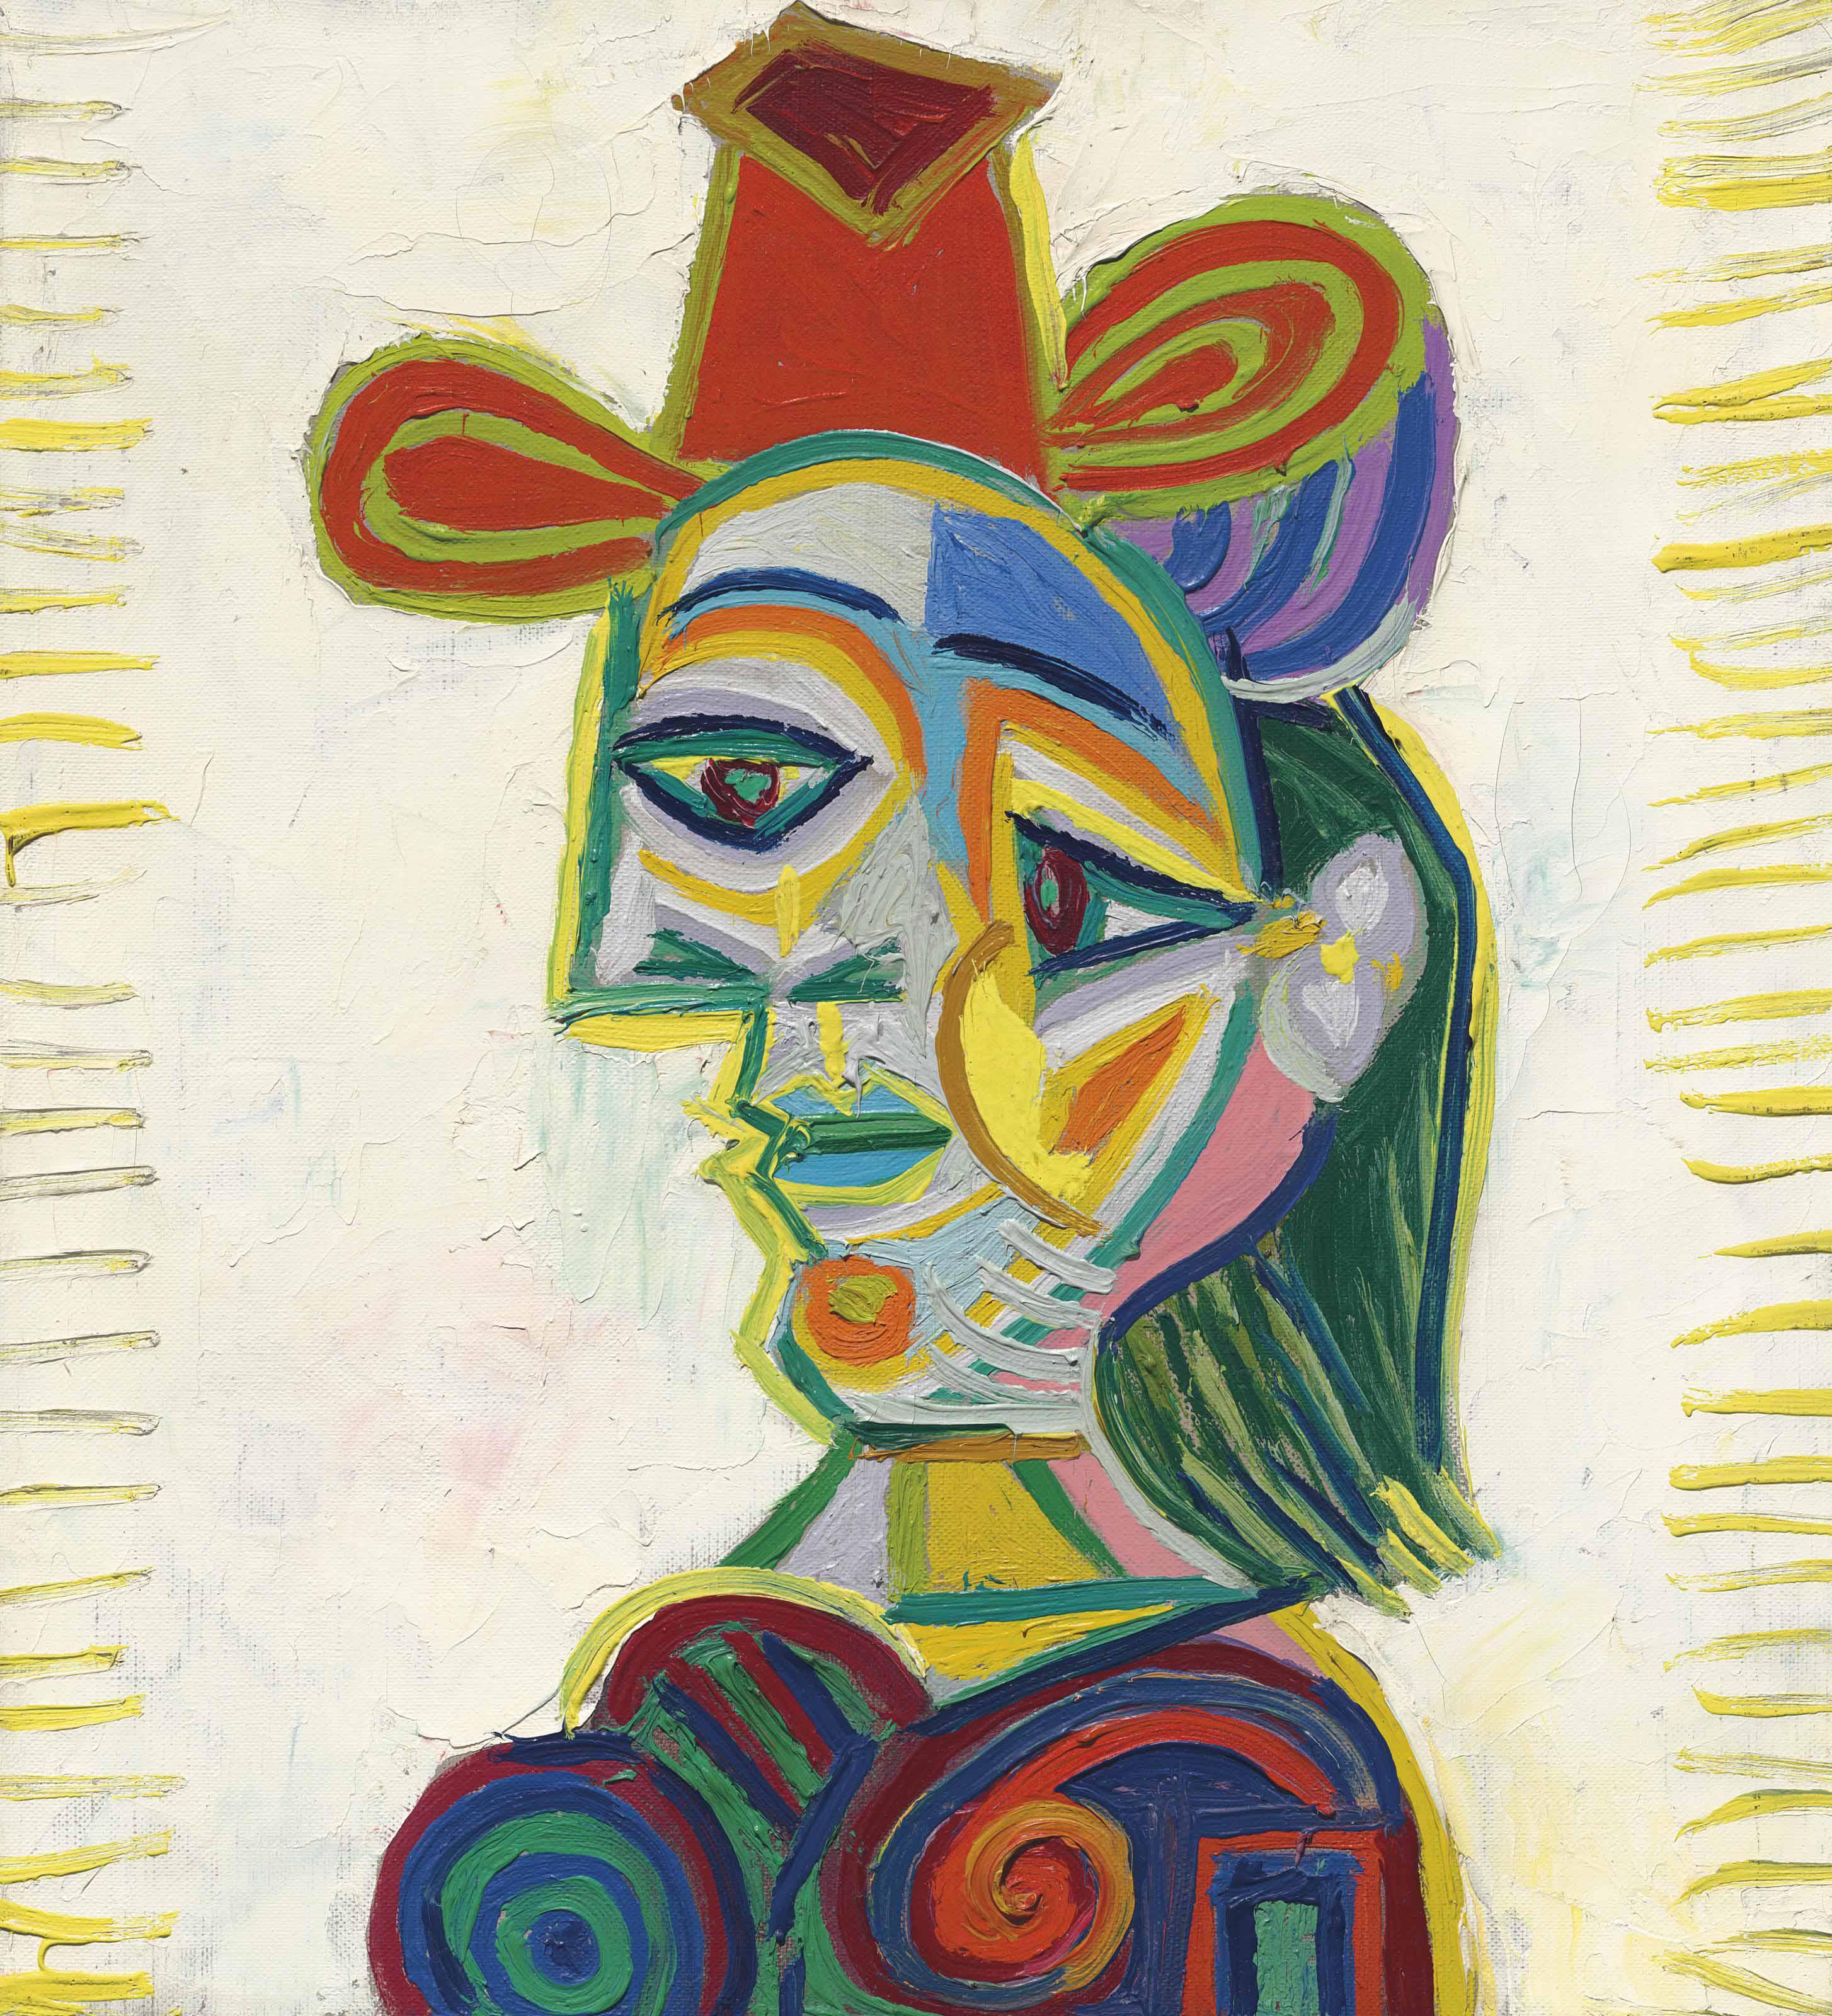 Ett annat porträtt av Picassos musa Dora Maar från 1938 såldes hos Christie's år 2016 för 22 miljoner dollar. Foto: Christie's